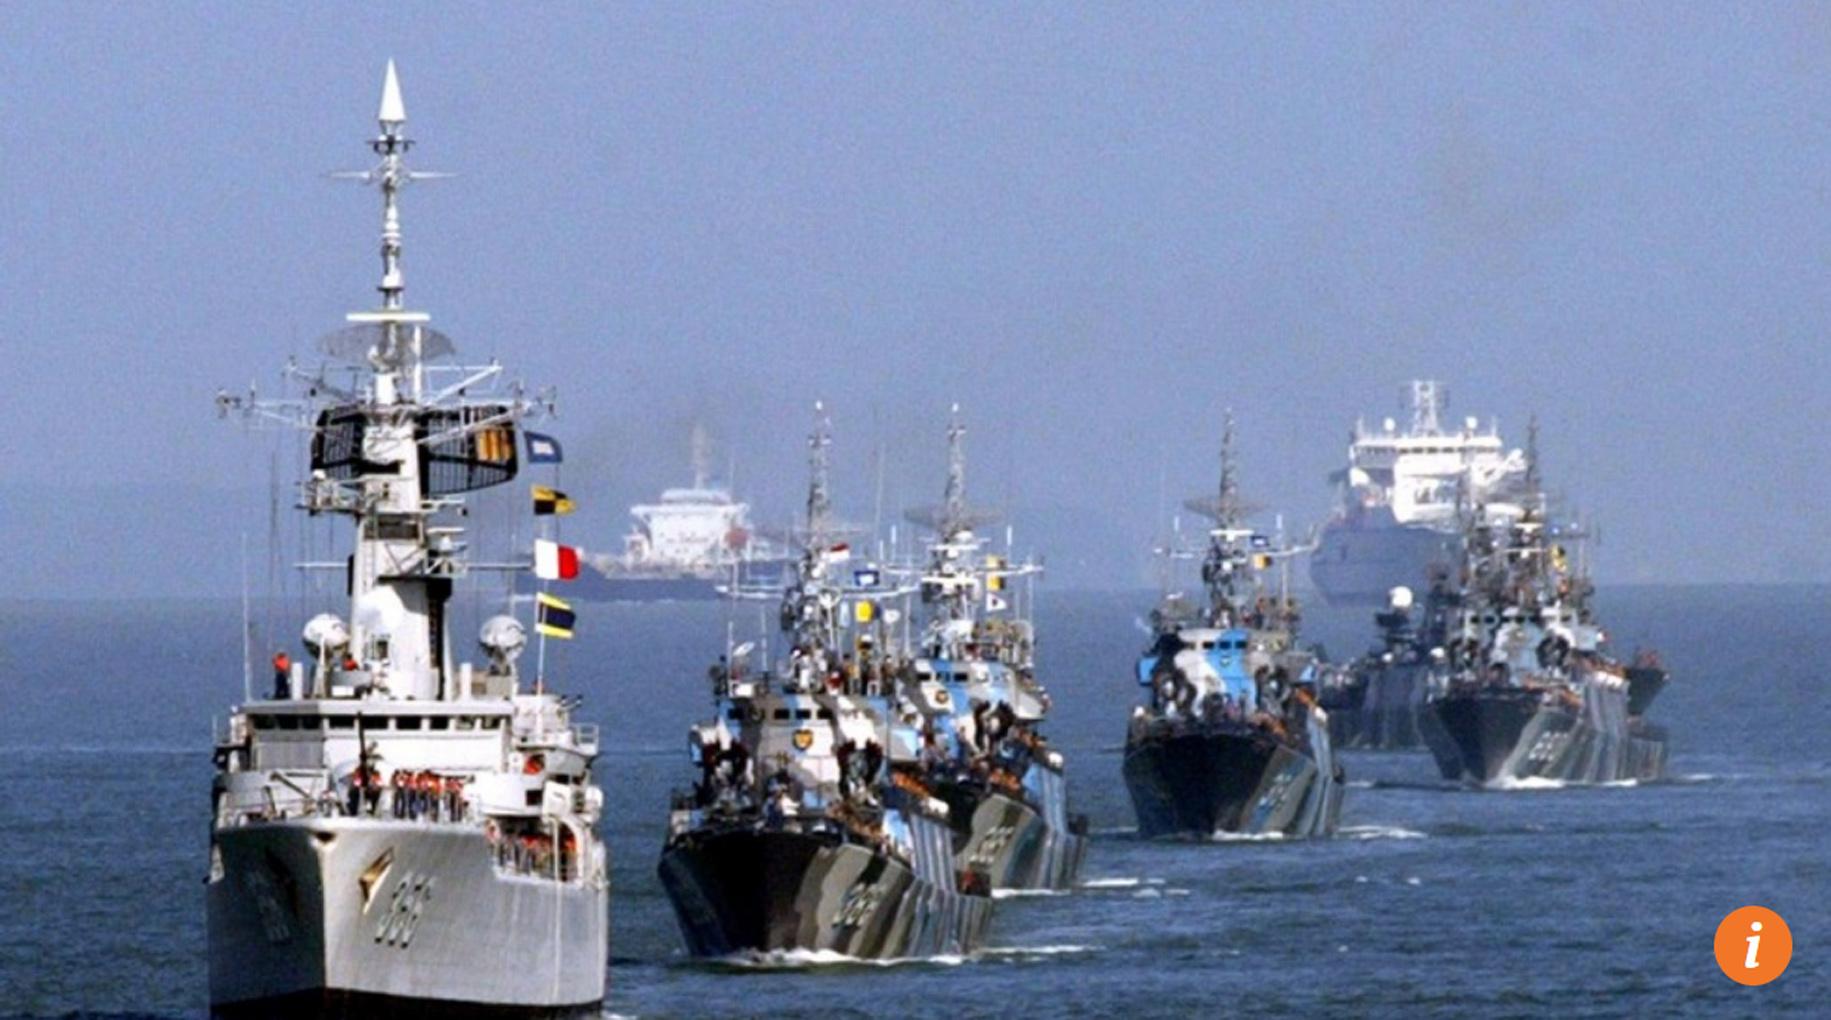 Singapore mua thêm tàu ngầm để cân bằng với hải quân Trung Cộng